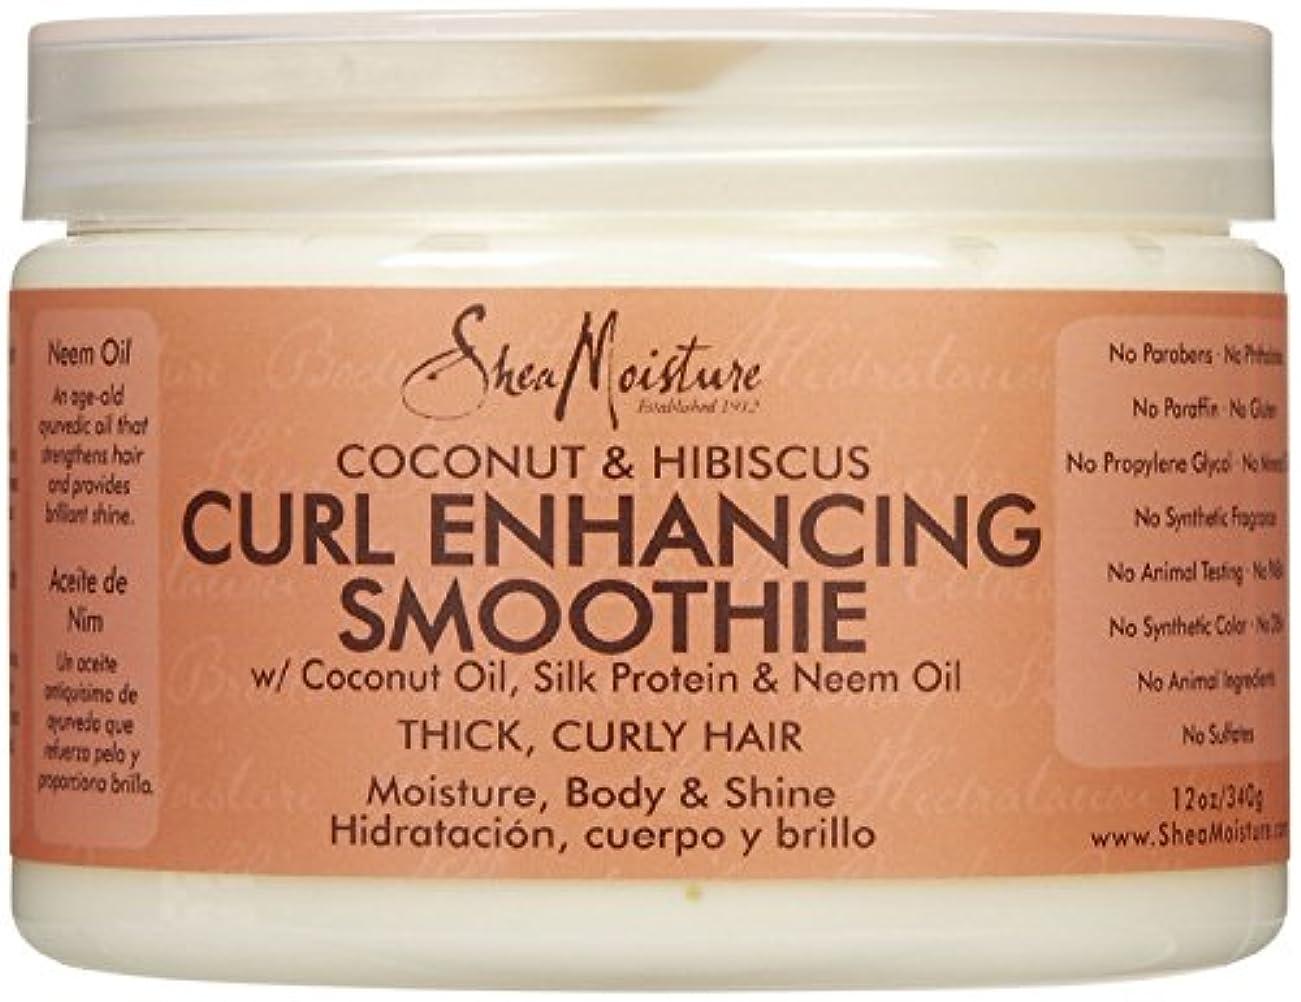 狂気未来すりシーモイスチャー Shea Moisture Coconut Hibiscus Curl Enhancing Smoothie ヘアトリートメント